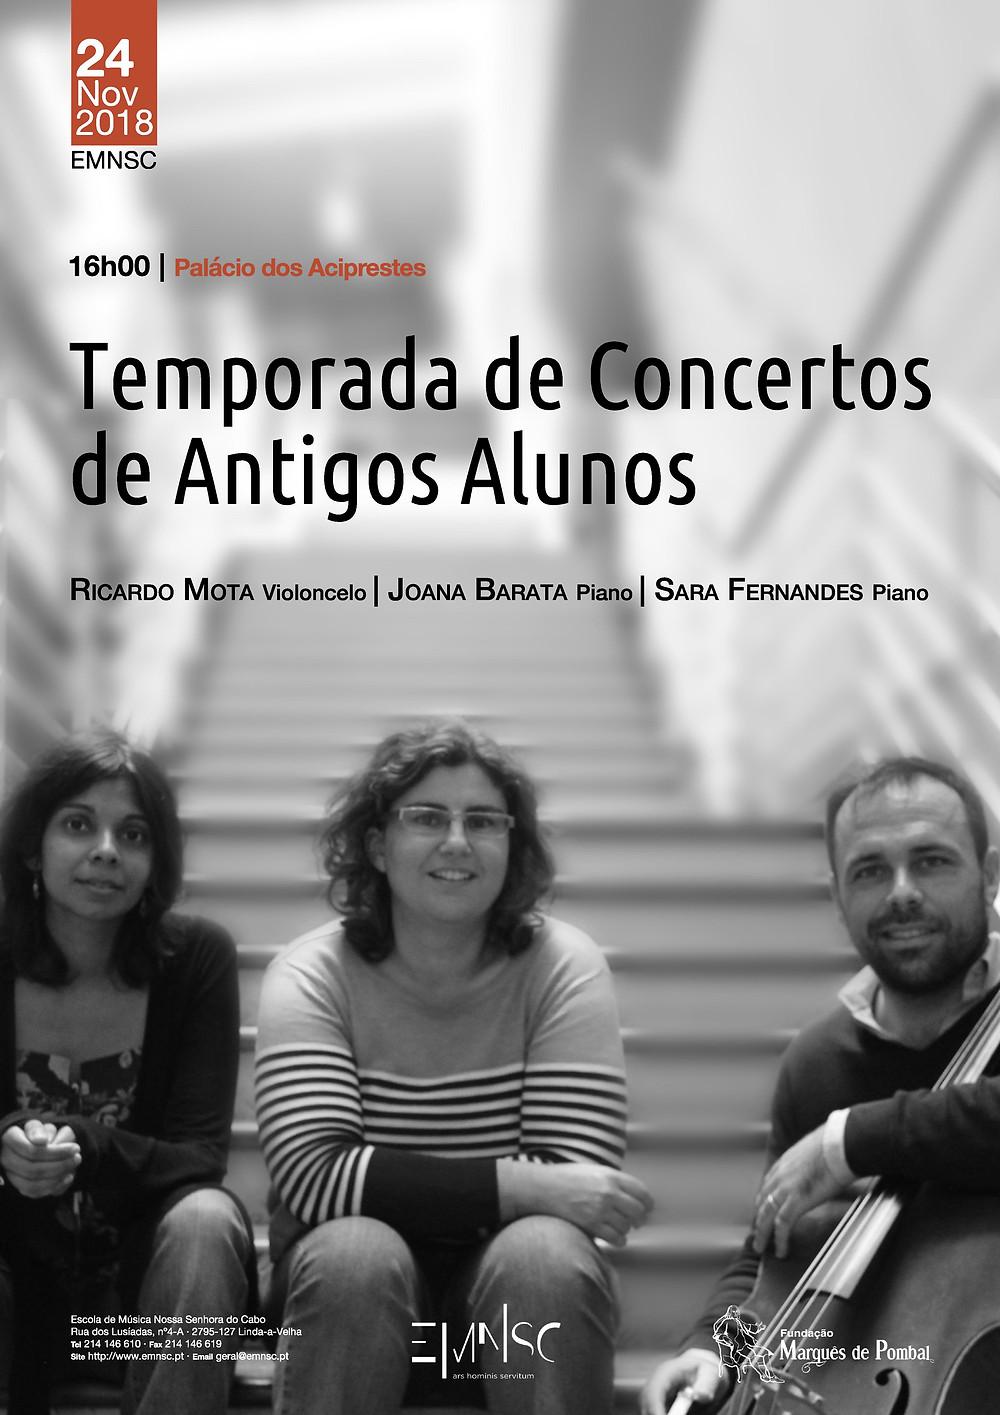 Concerto de Antigos Alunos da EMNSC